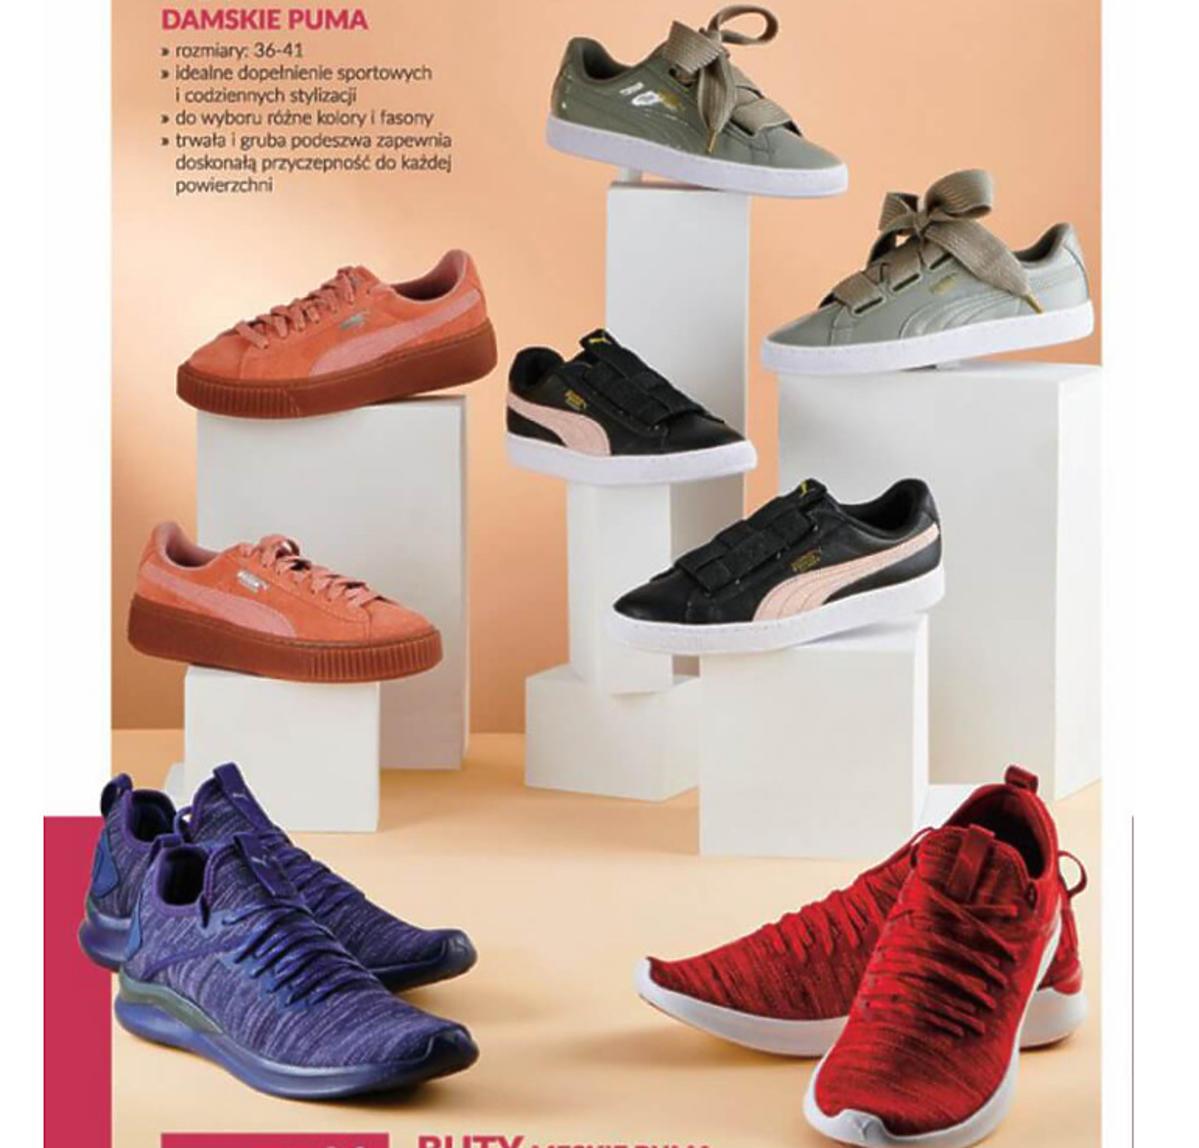 Buty Puma na promocji w Biedronce